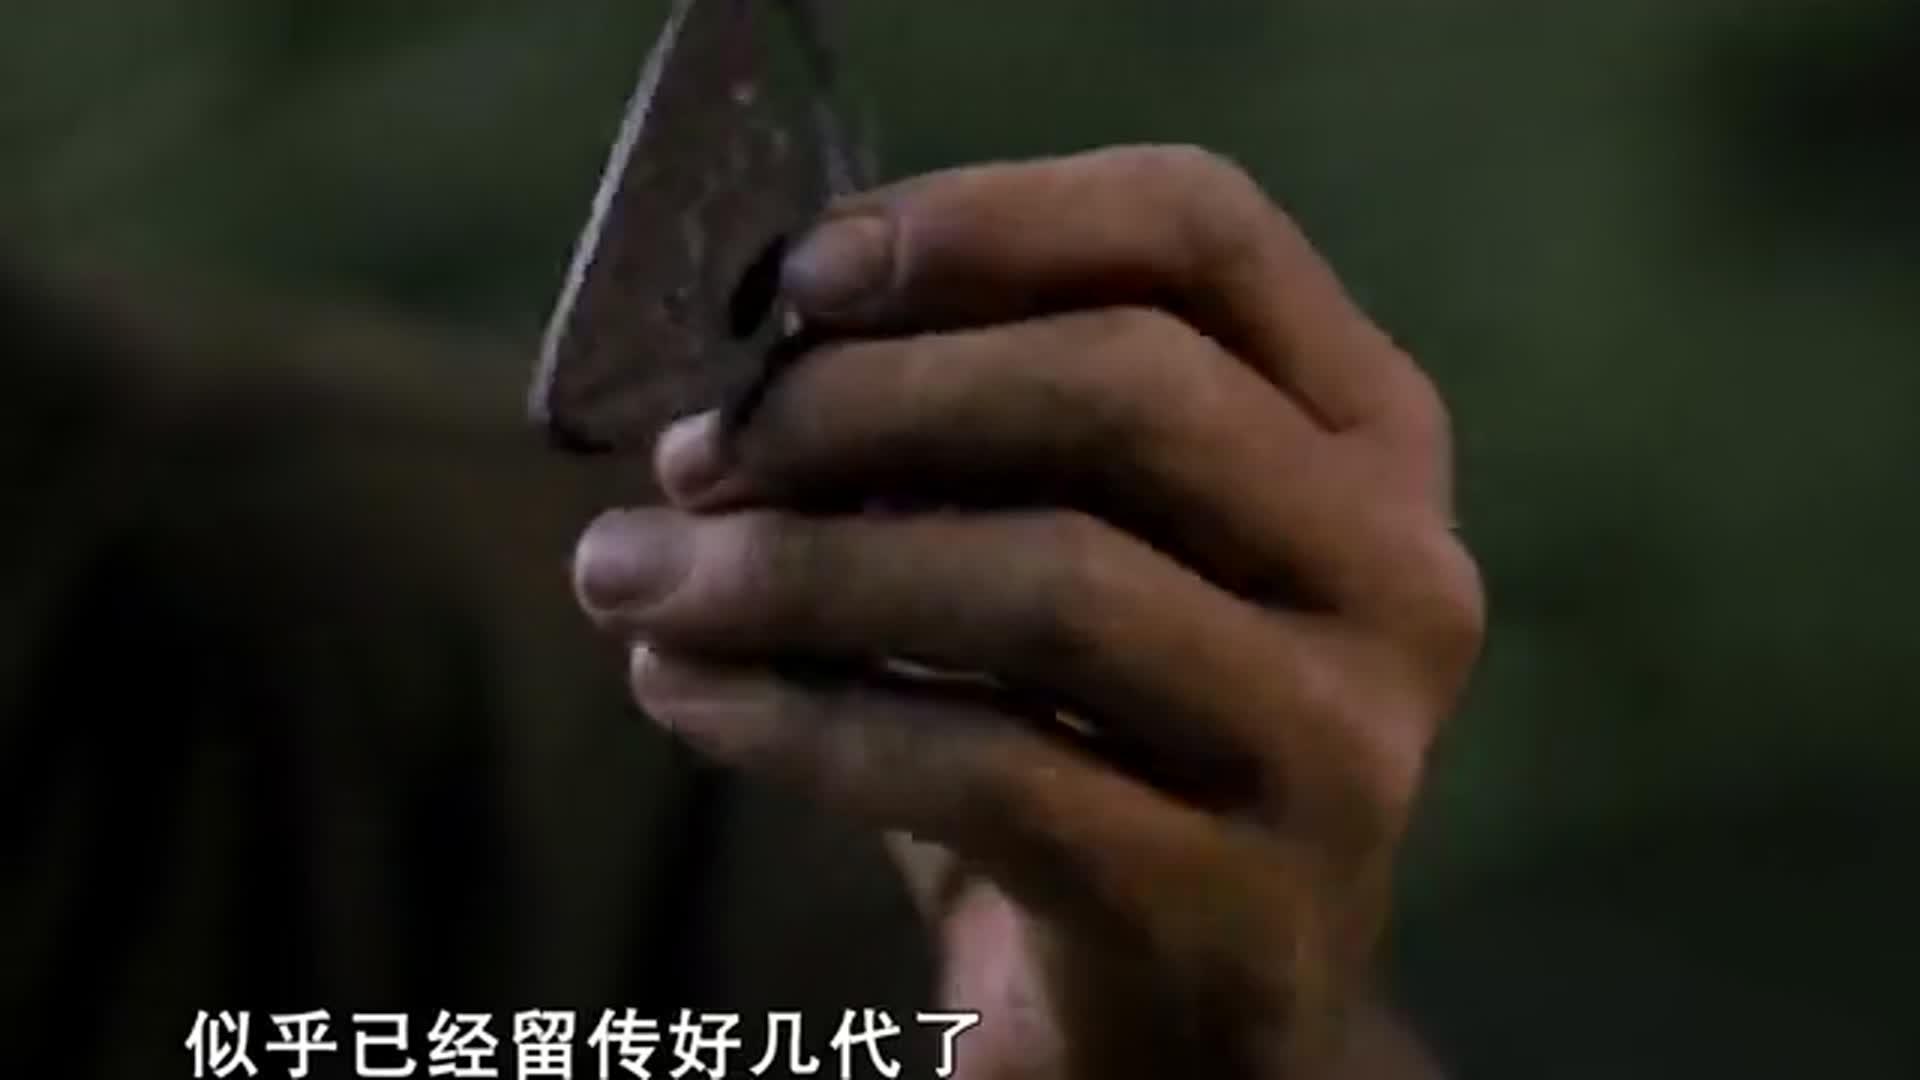 黑森中国历险记:黑森体验原始点火器,粗犷的方法烹饪竹鼠